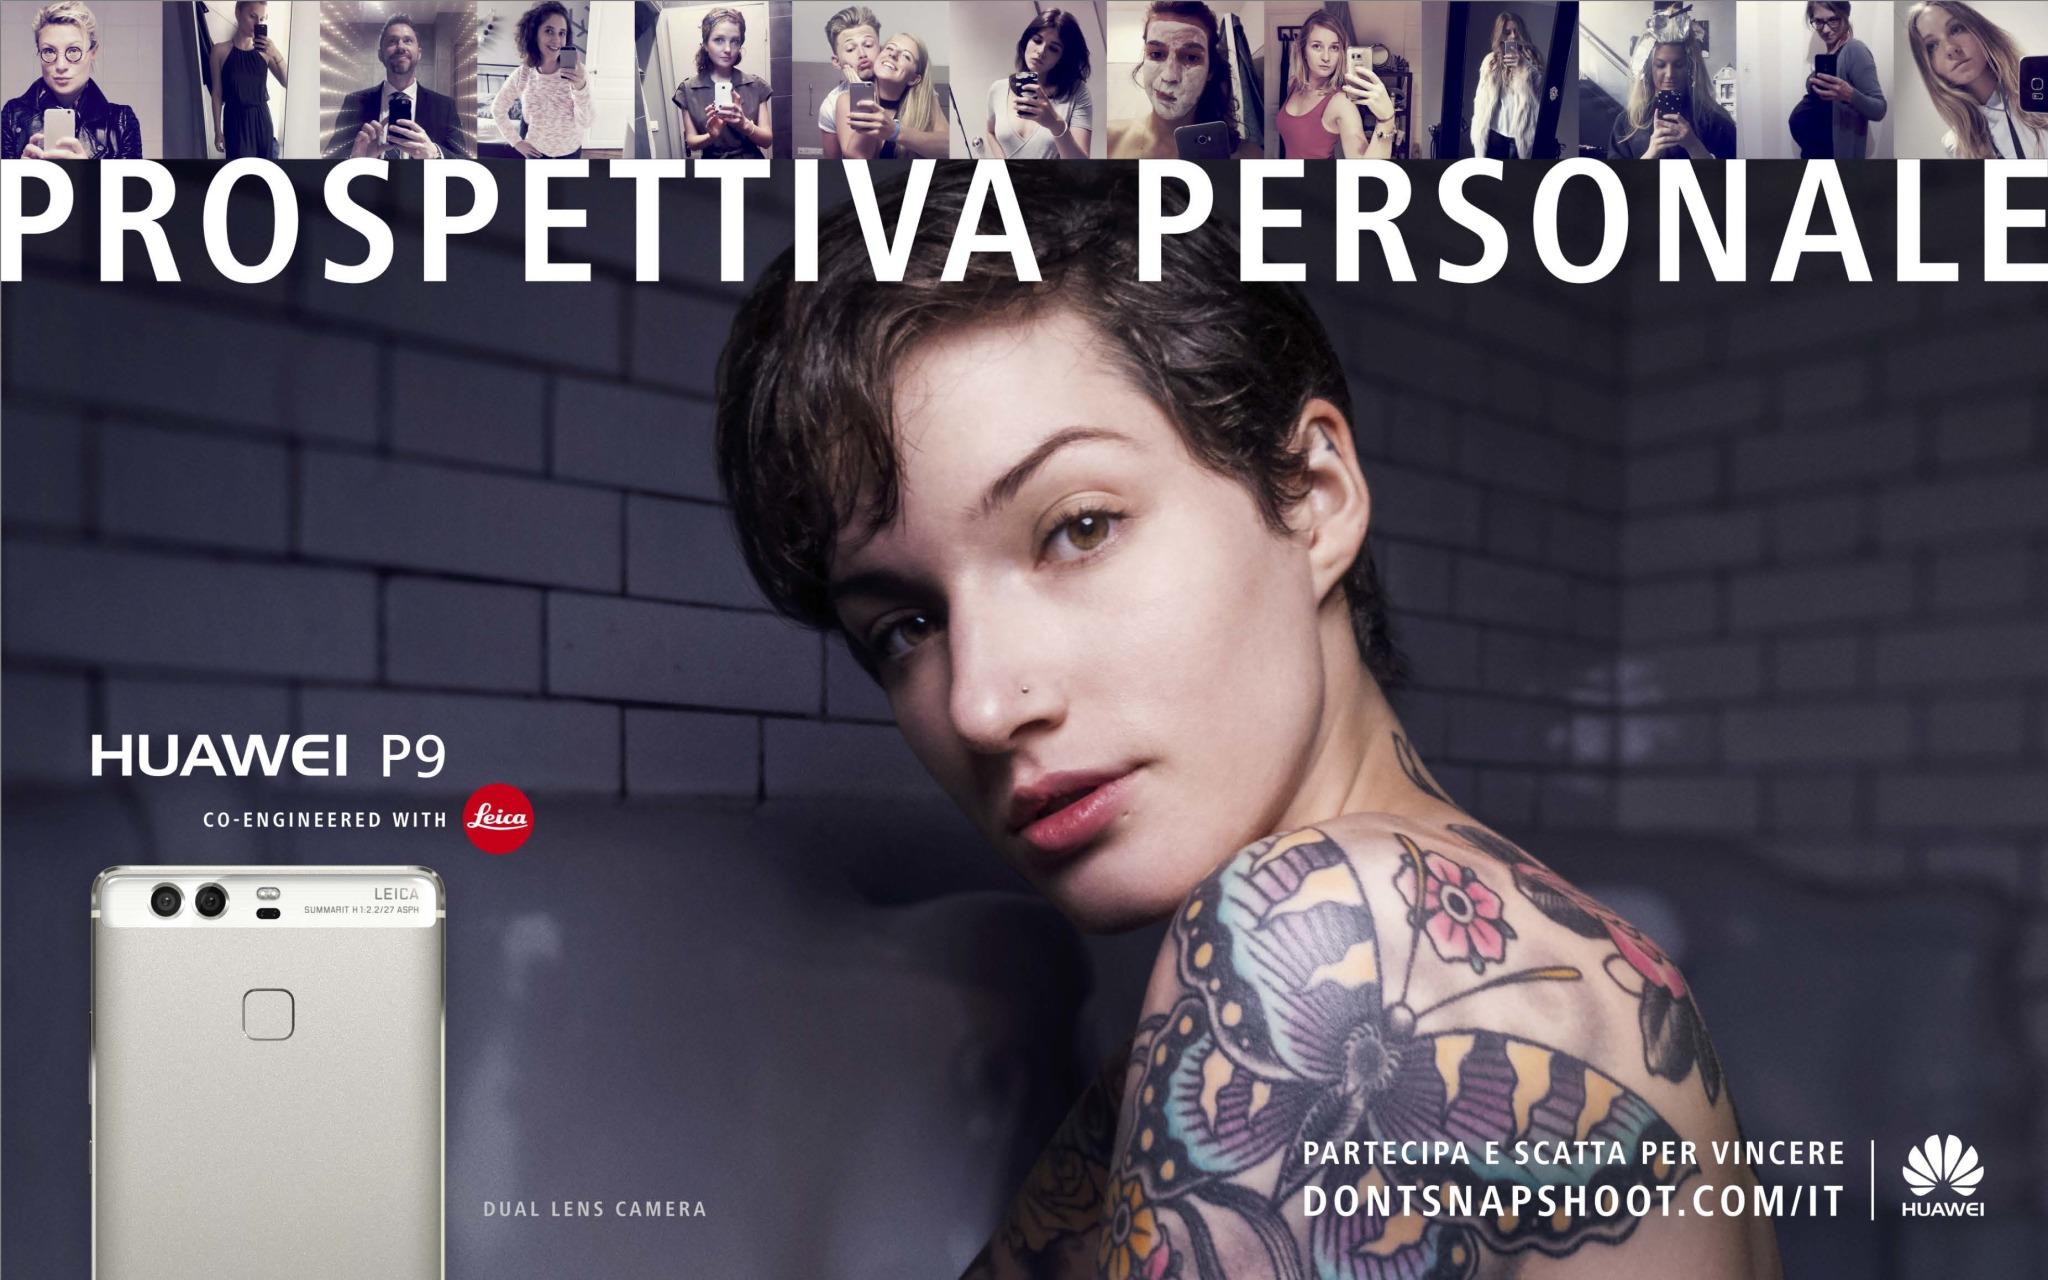 Huawei Prospettiva Person 000